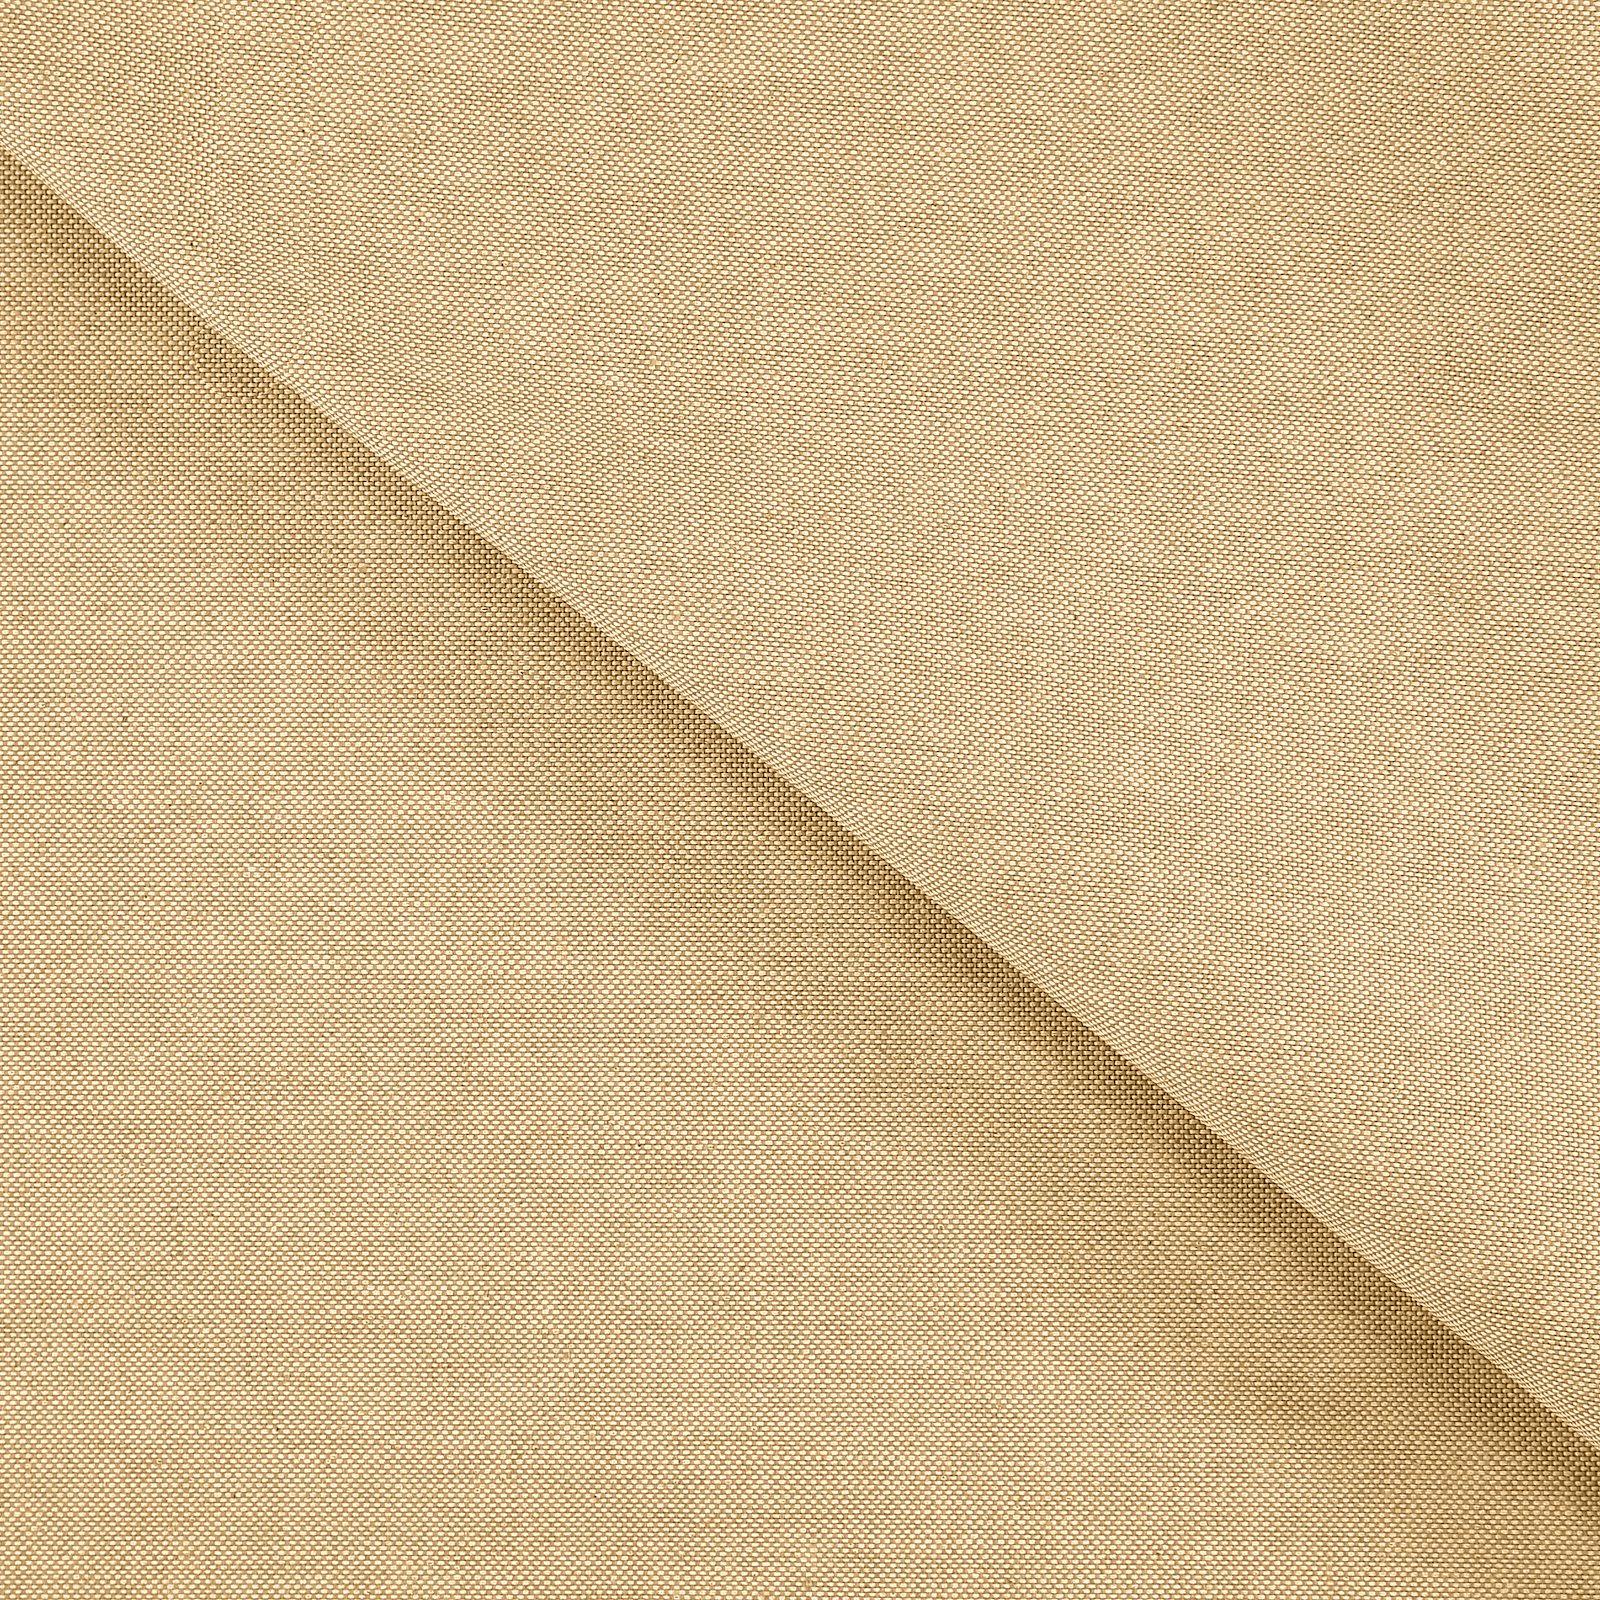 Woven oilcloth linen look/light caramel 872304_pack